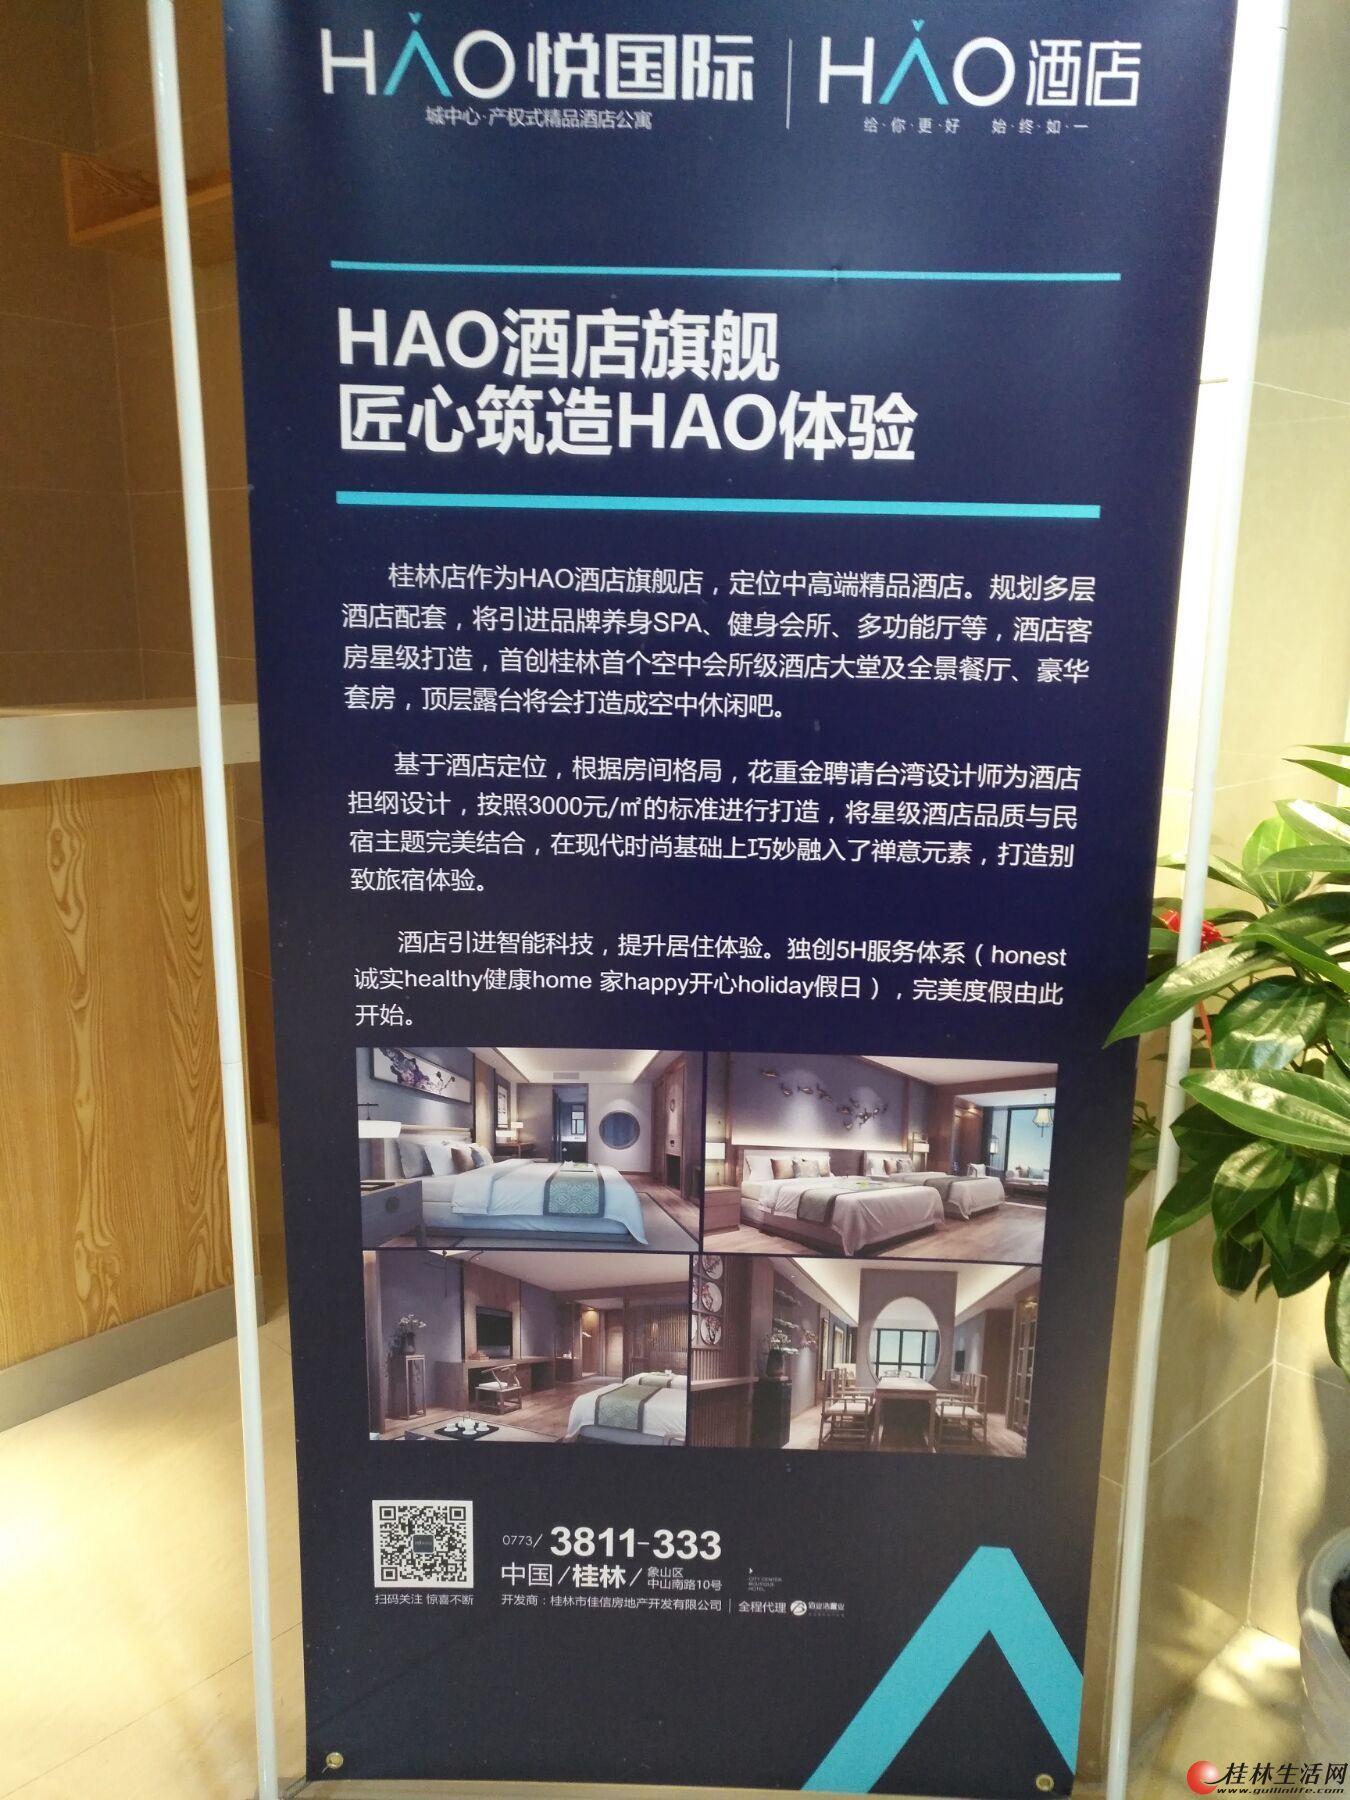 投资新选择11年回本9年净赚 南溪公园附近HAO国际HAO投资